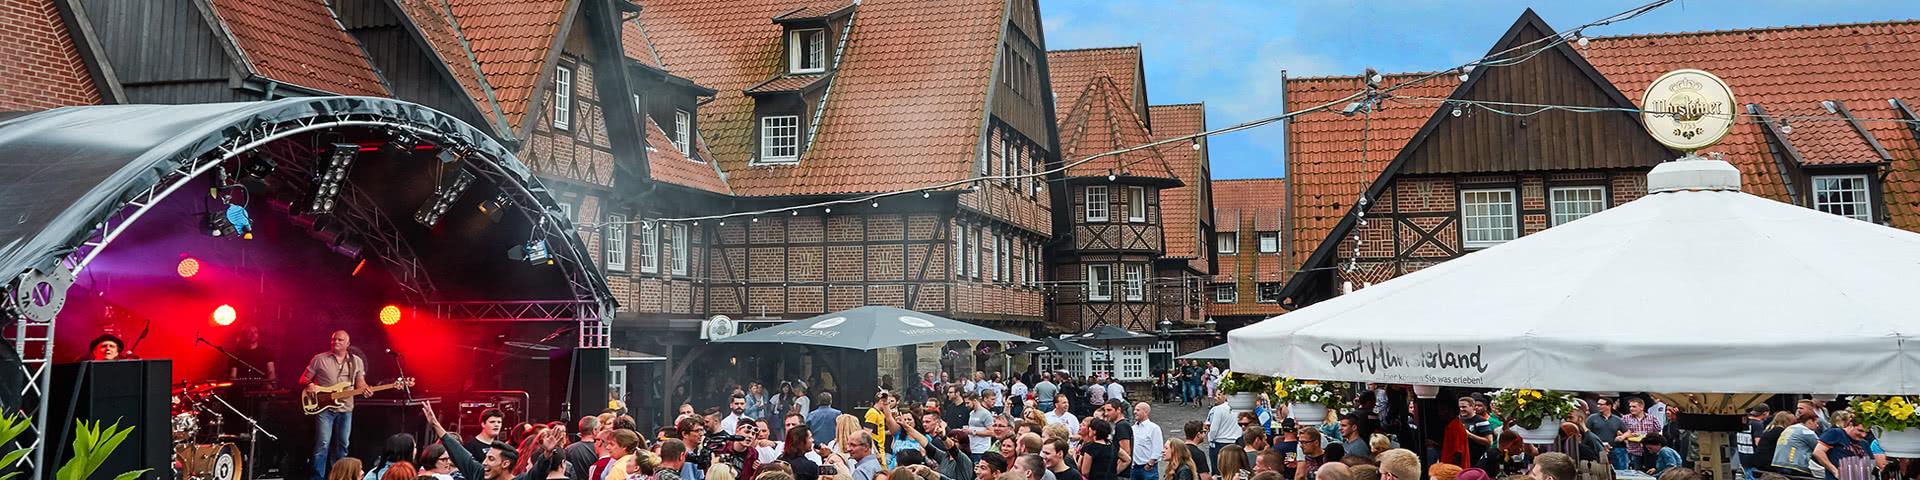 Geselligkeit auf dem Dorfplatz im Dorf Münsterland